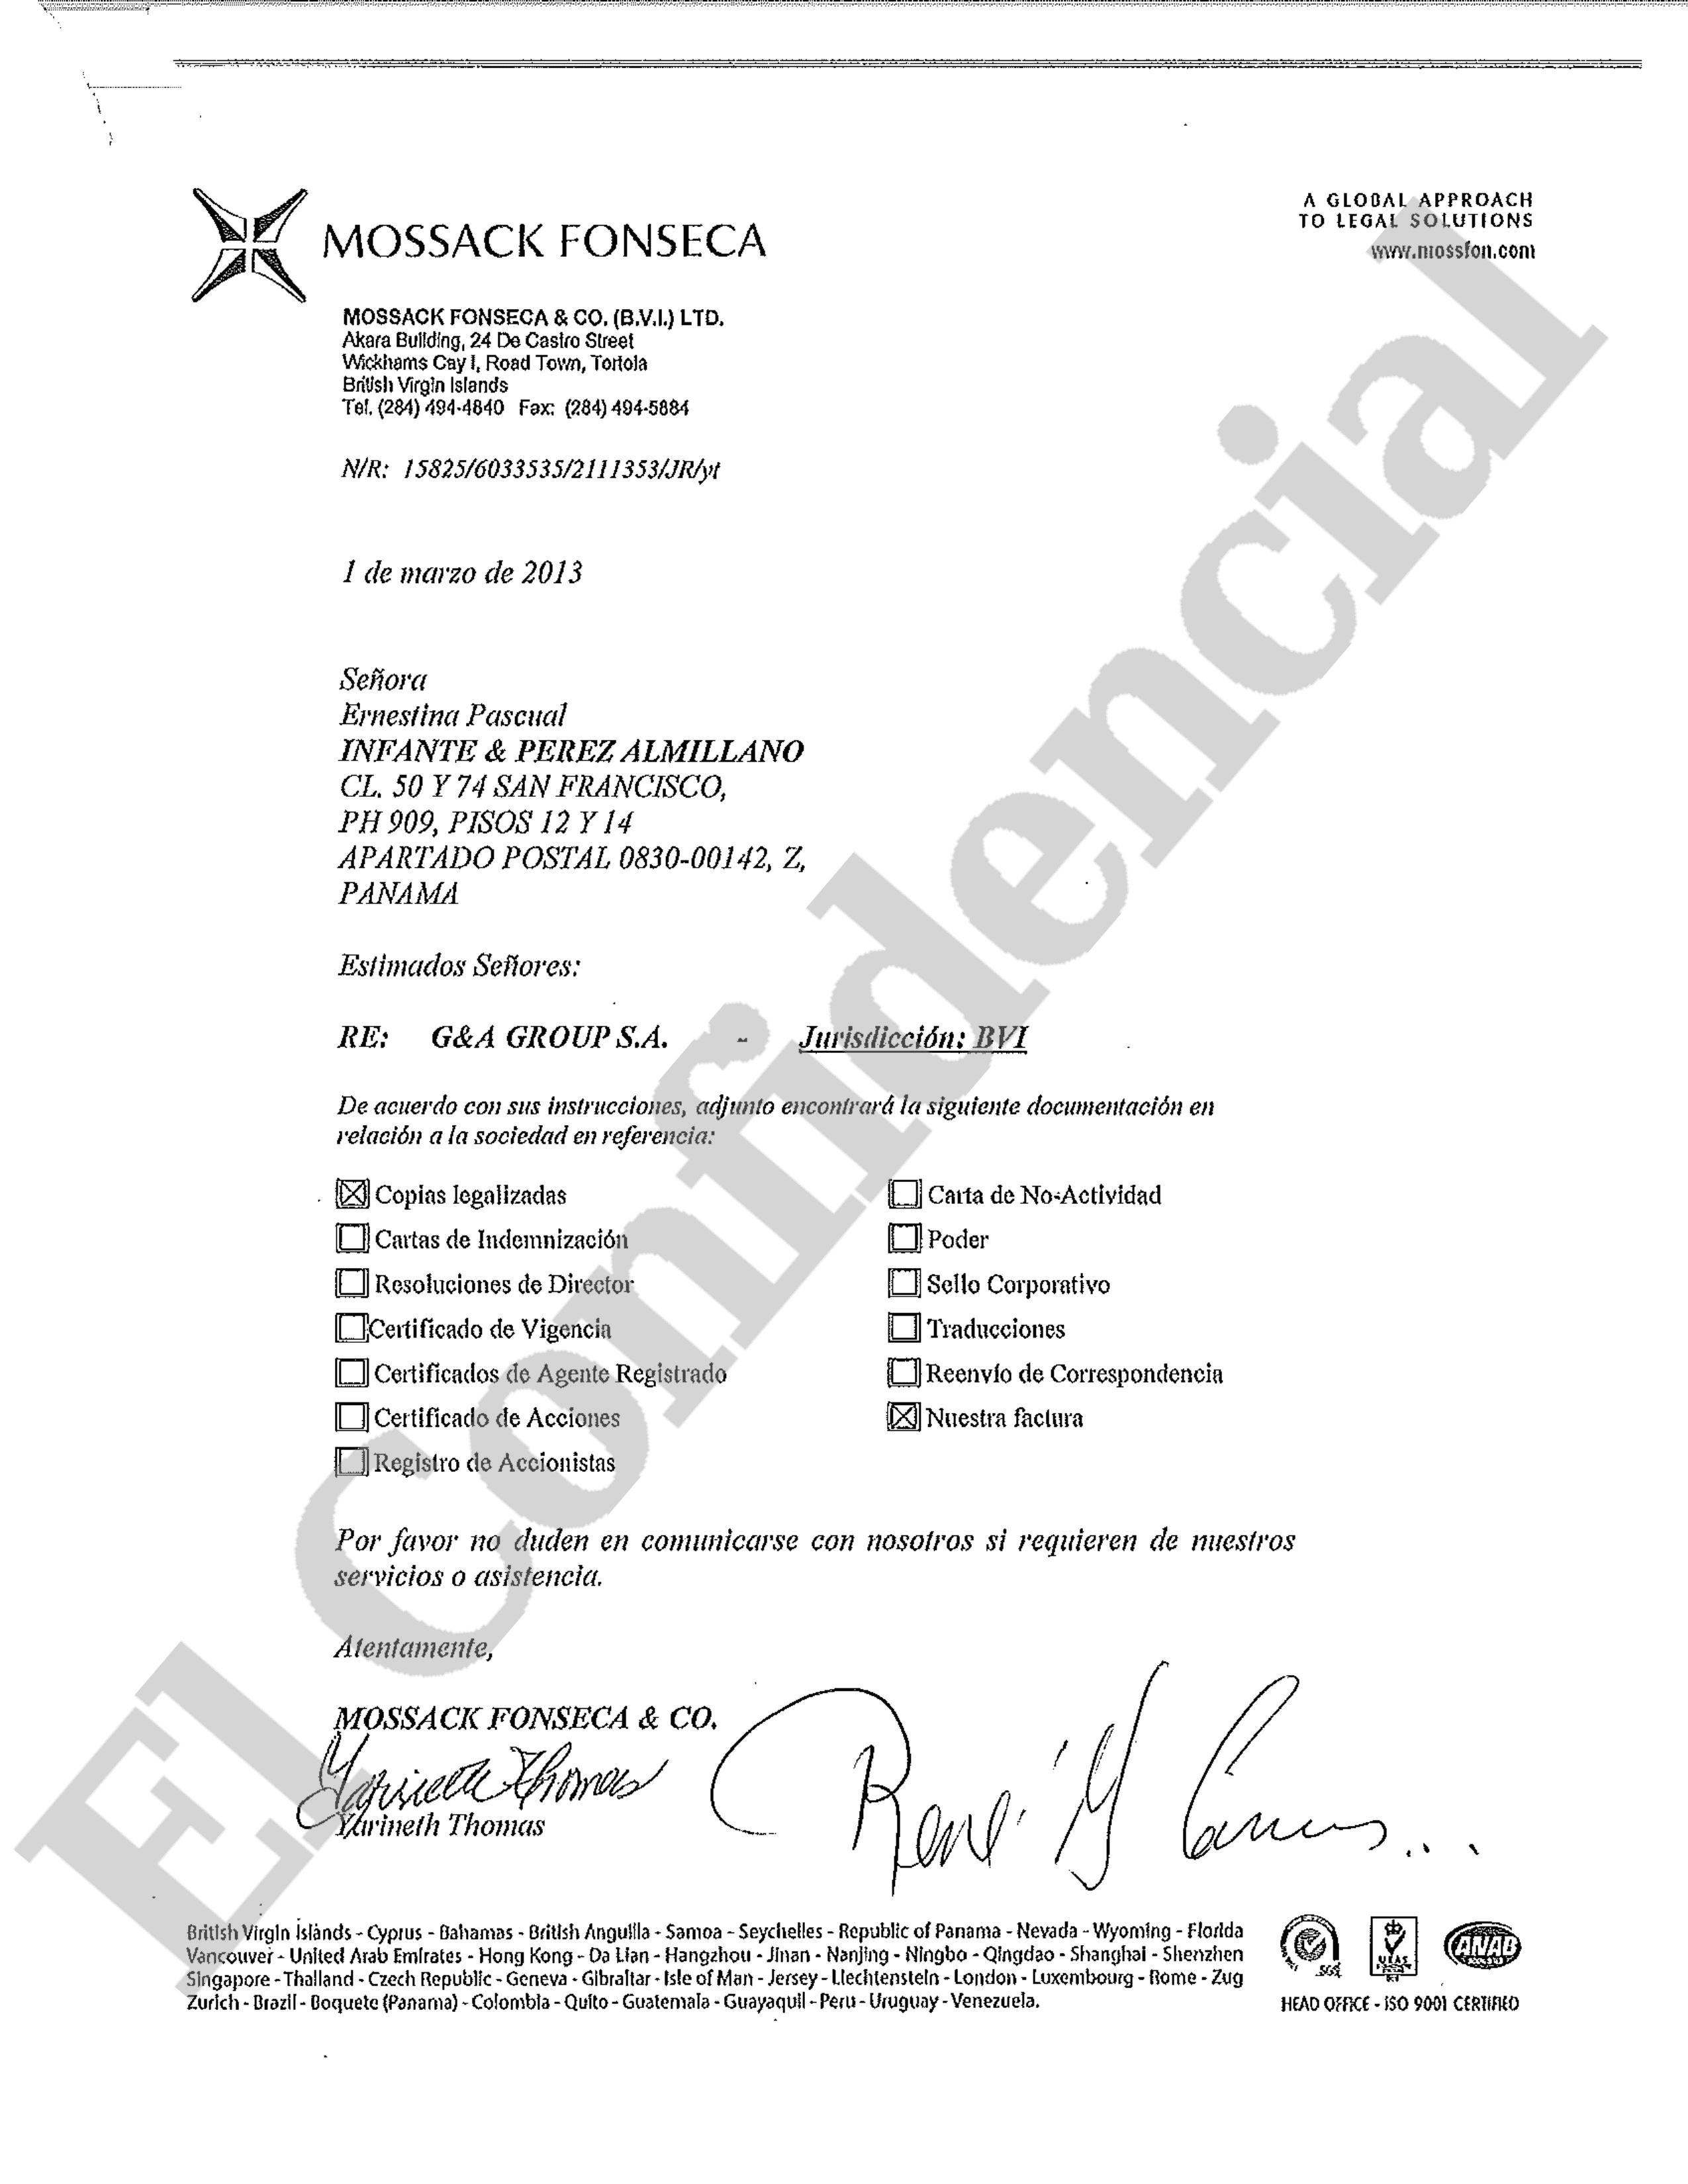 Vistoso Certificado De Vigencia De Wyoming Friso - Cómo conseguir mi ...